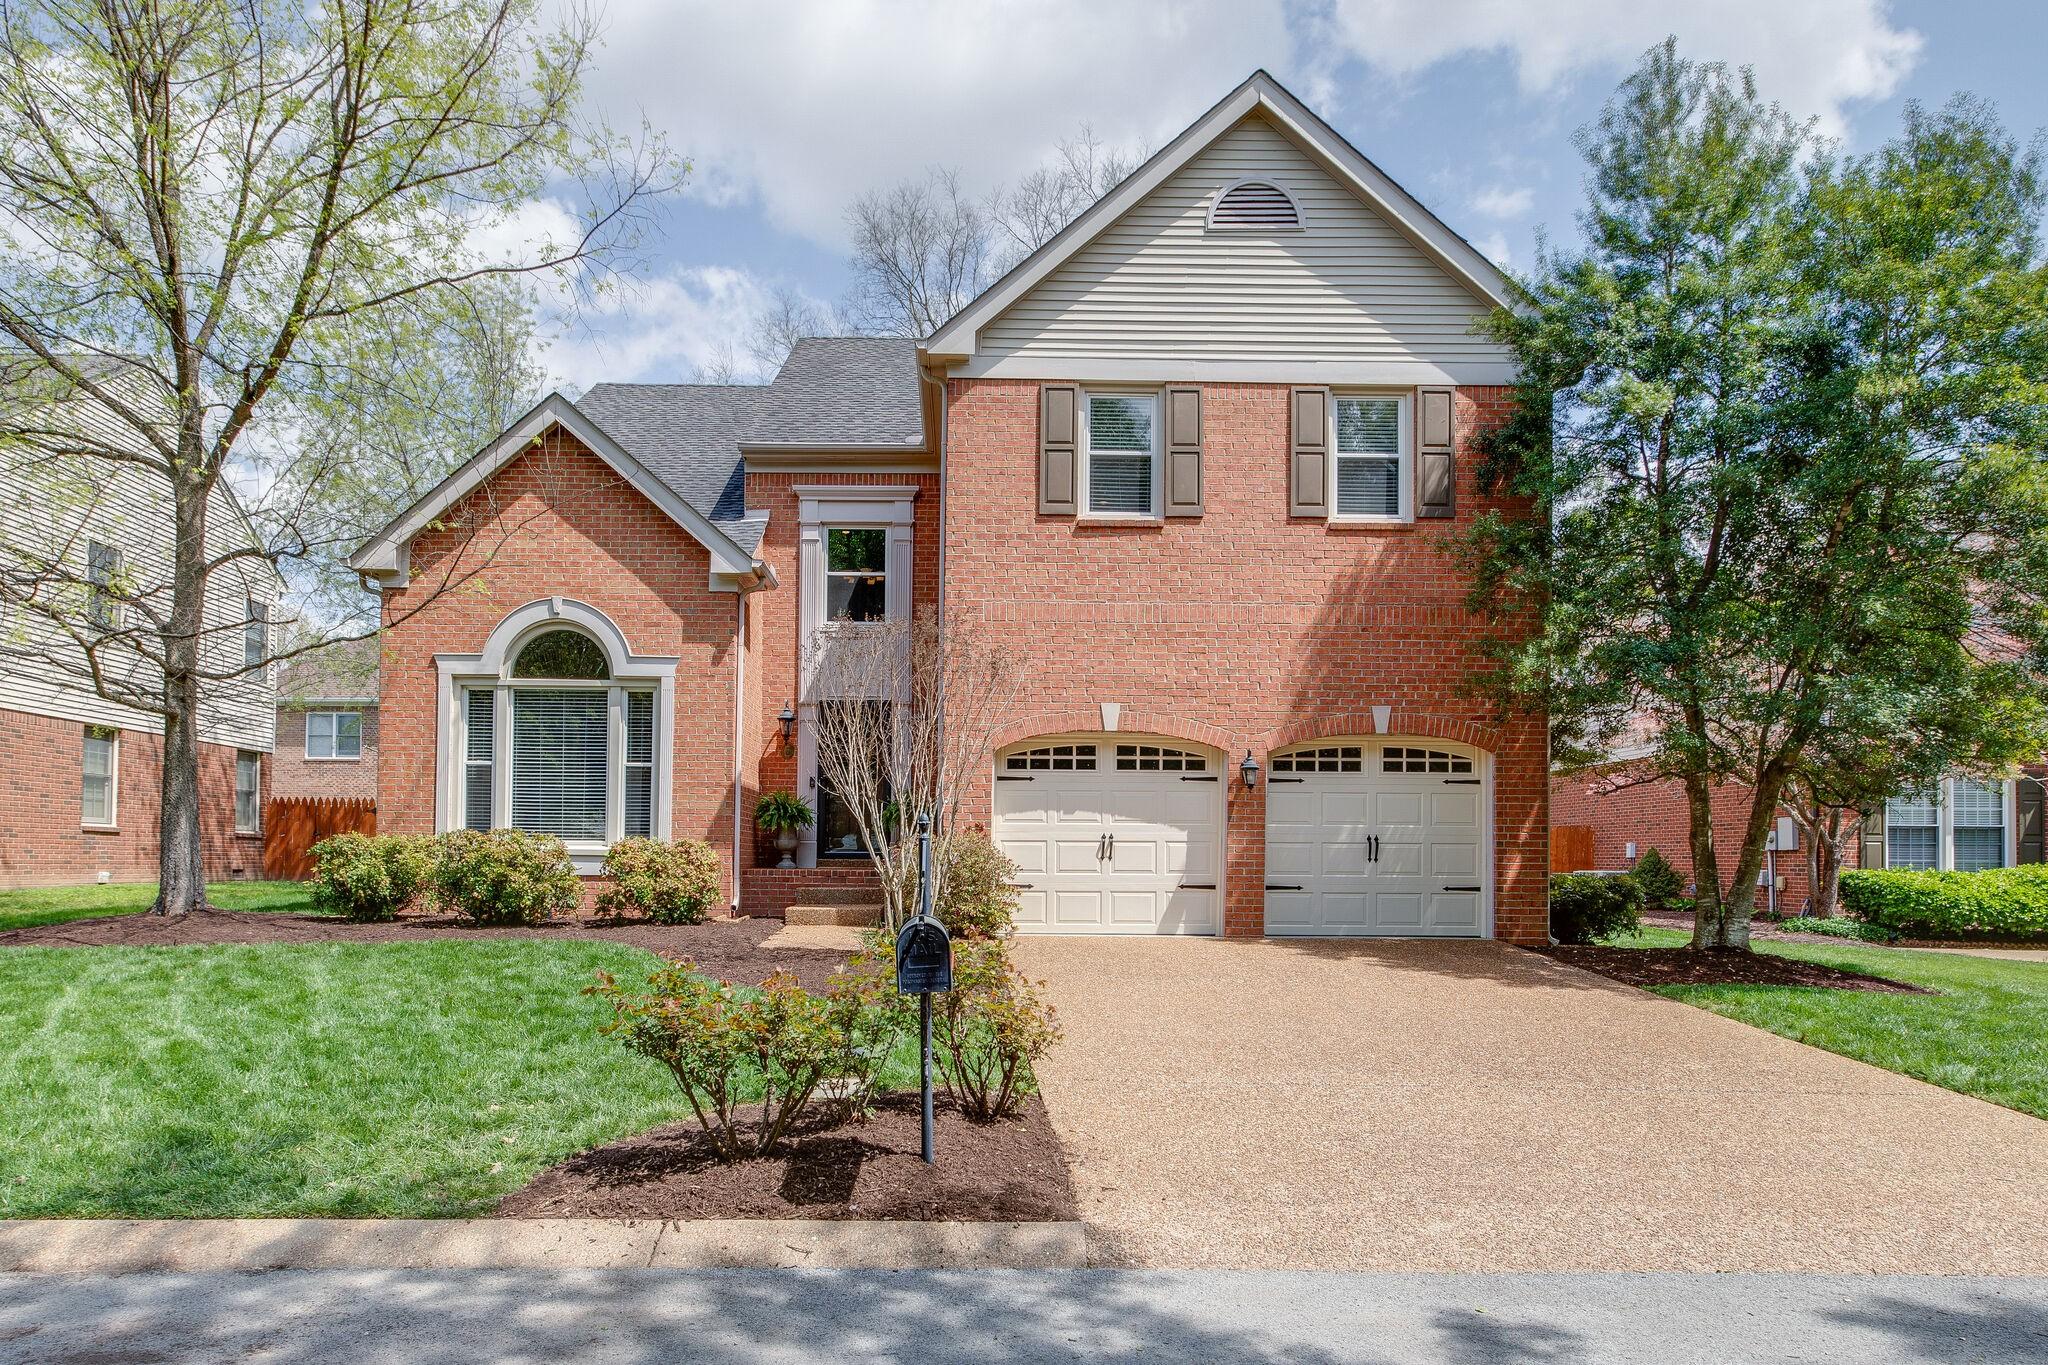 378 Glendower Pl Property Photo - Franklin, TN real estate listing